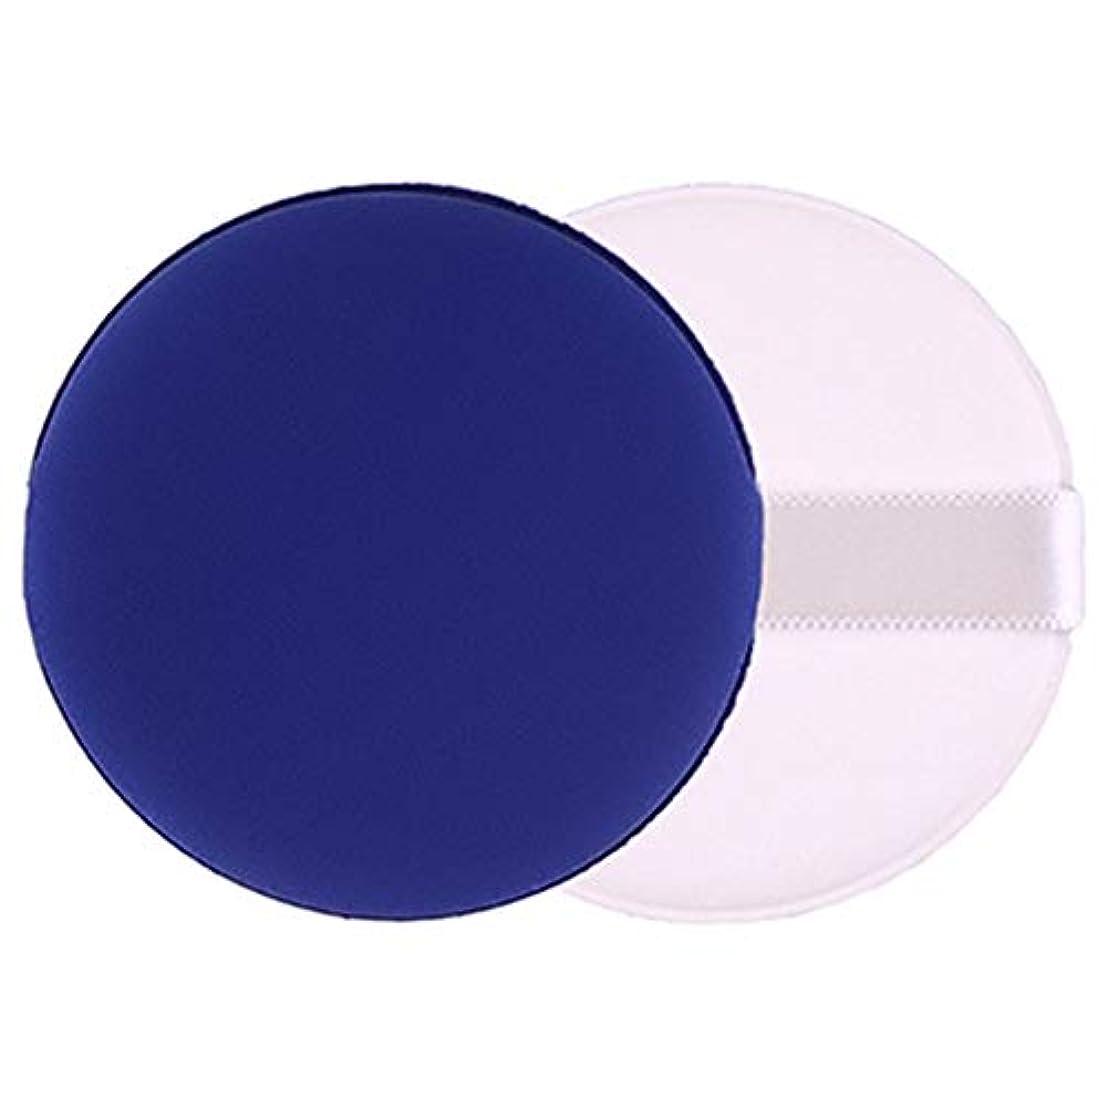 証明換気するスピーカーエアクッションパフ 2個 クリーム アプリケーター スポンジ パフ フェイシャル 乾湿両用 多用途 パウダーパフパッド クッションファンデーション 化粧ツール 全4色